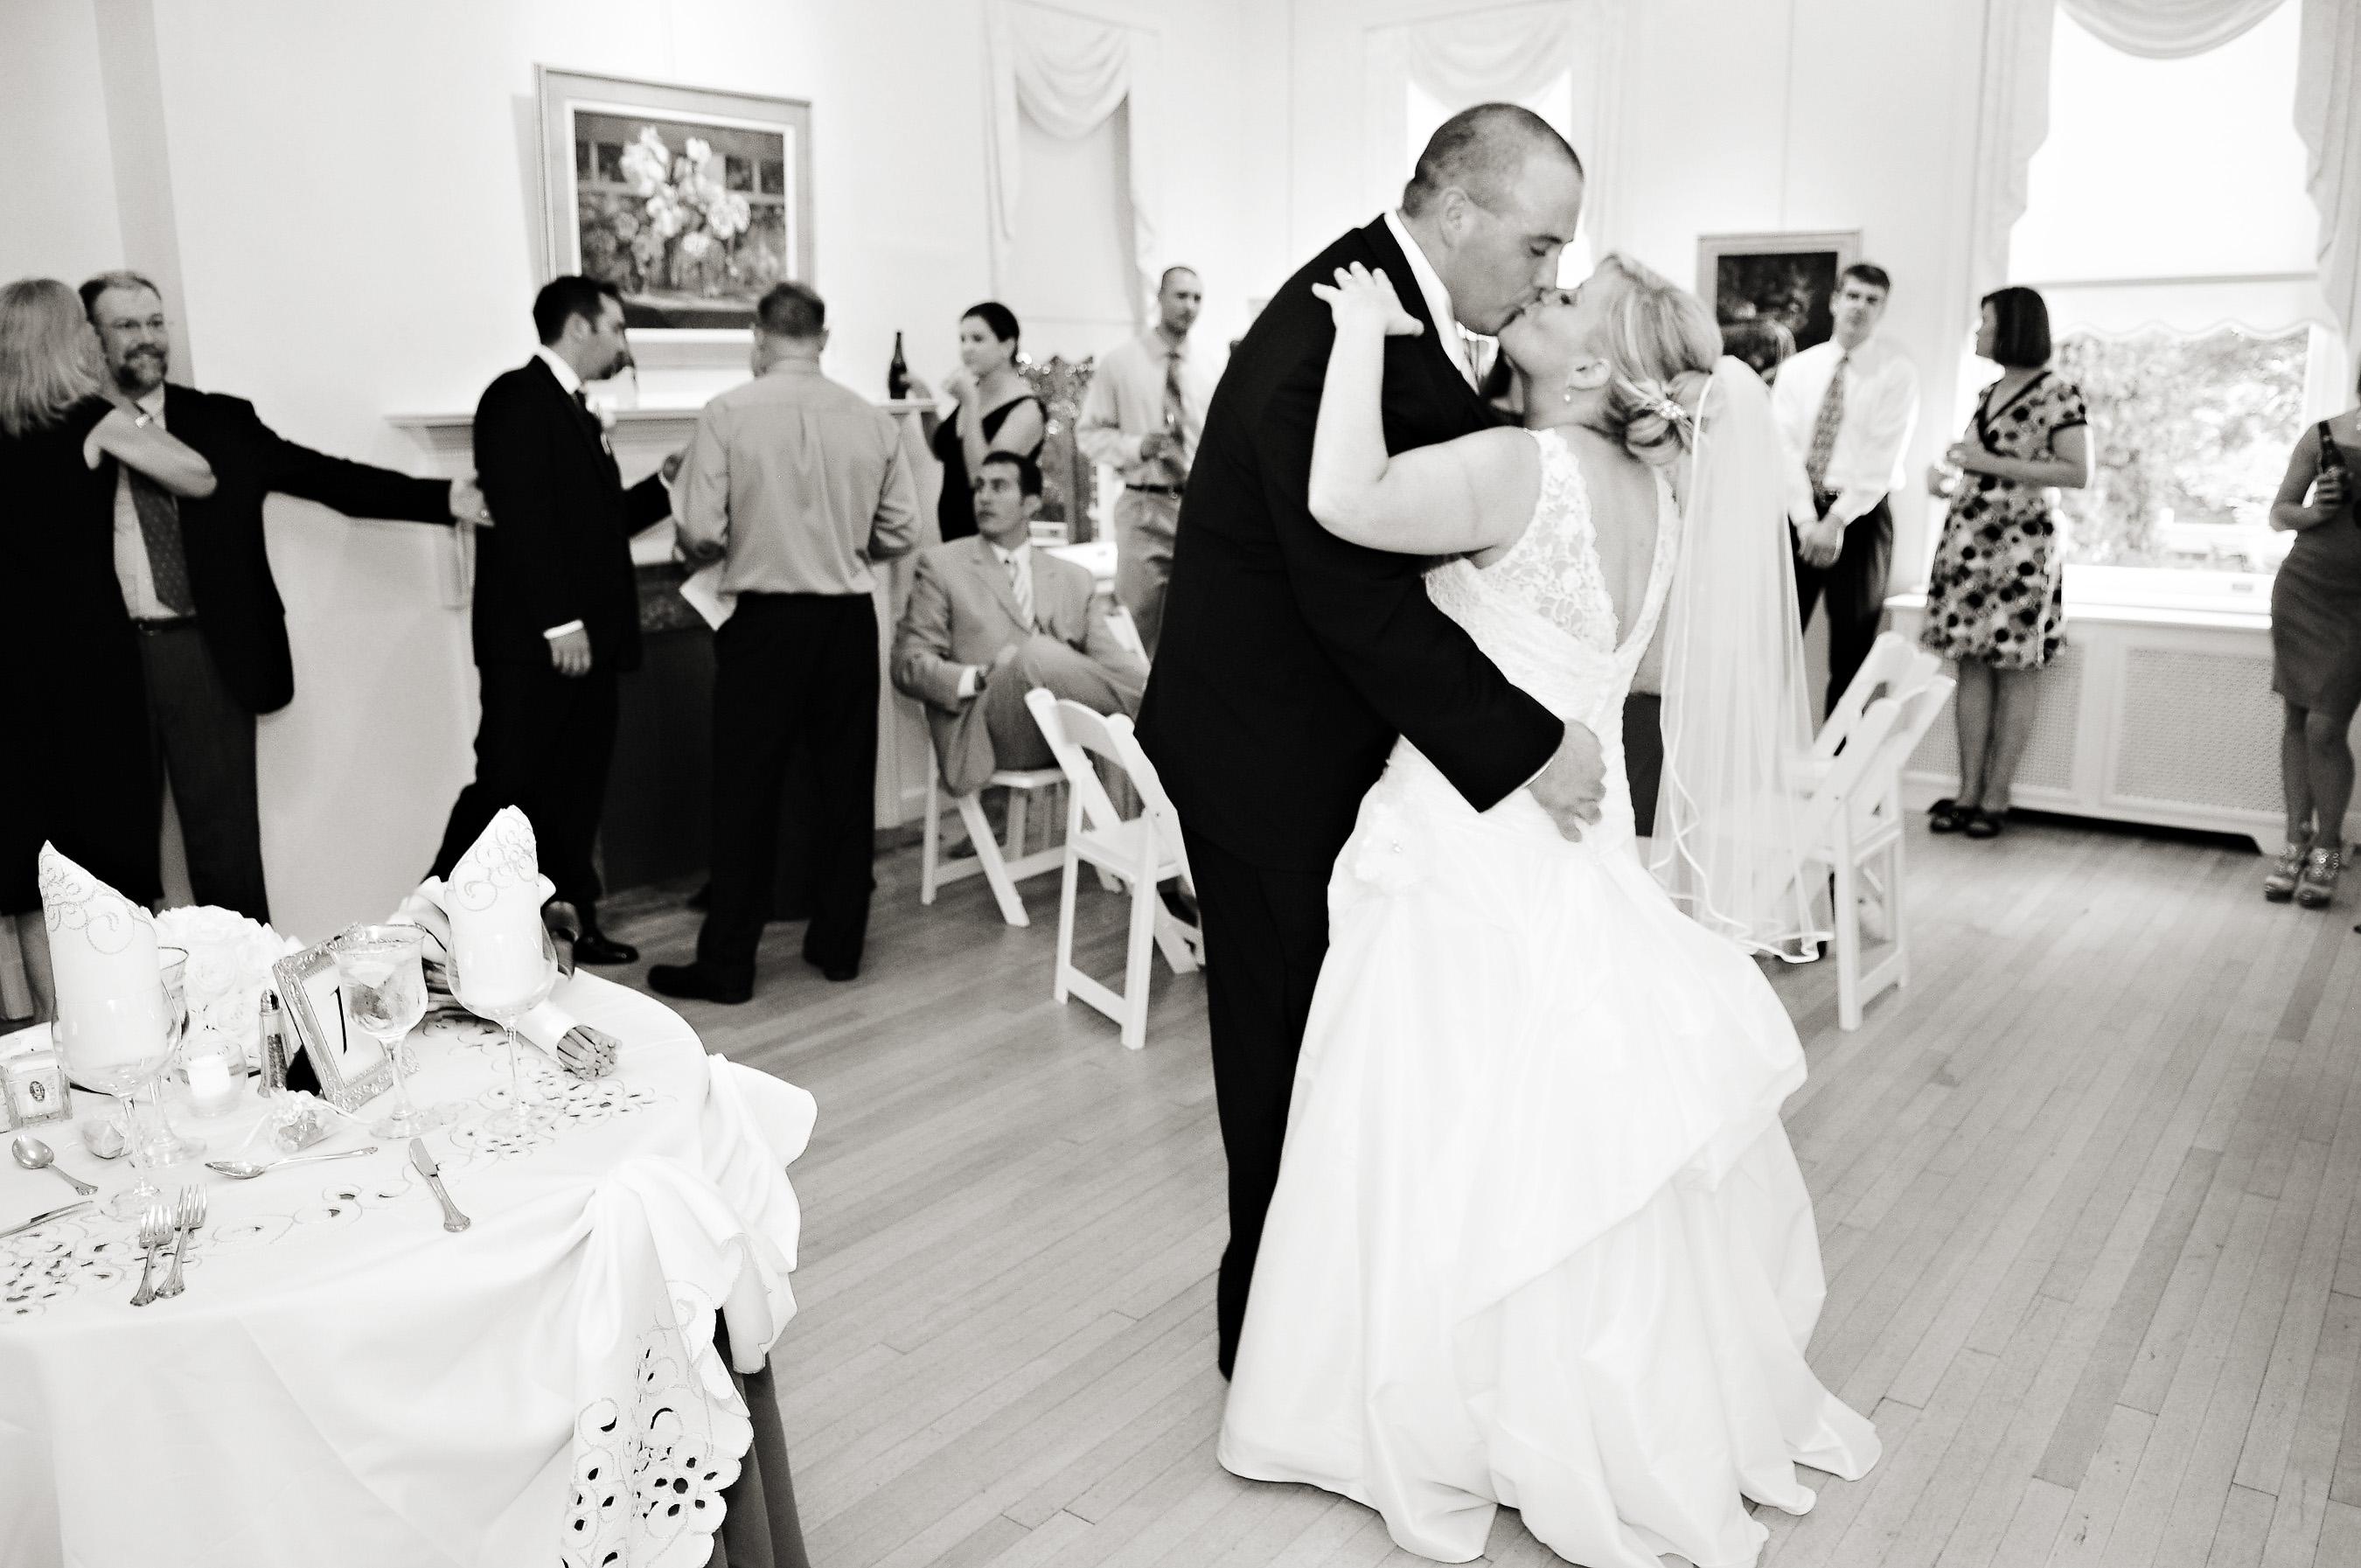 Wedding venue in Gaithersburg, MD, Montgomery County - Kentlands Mansion